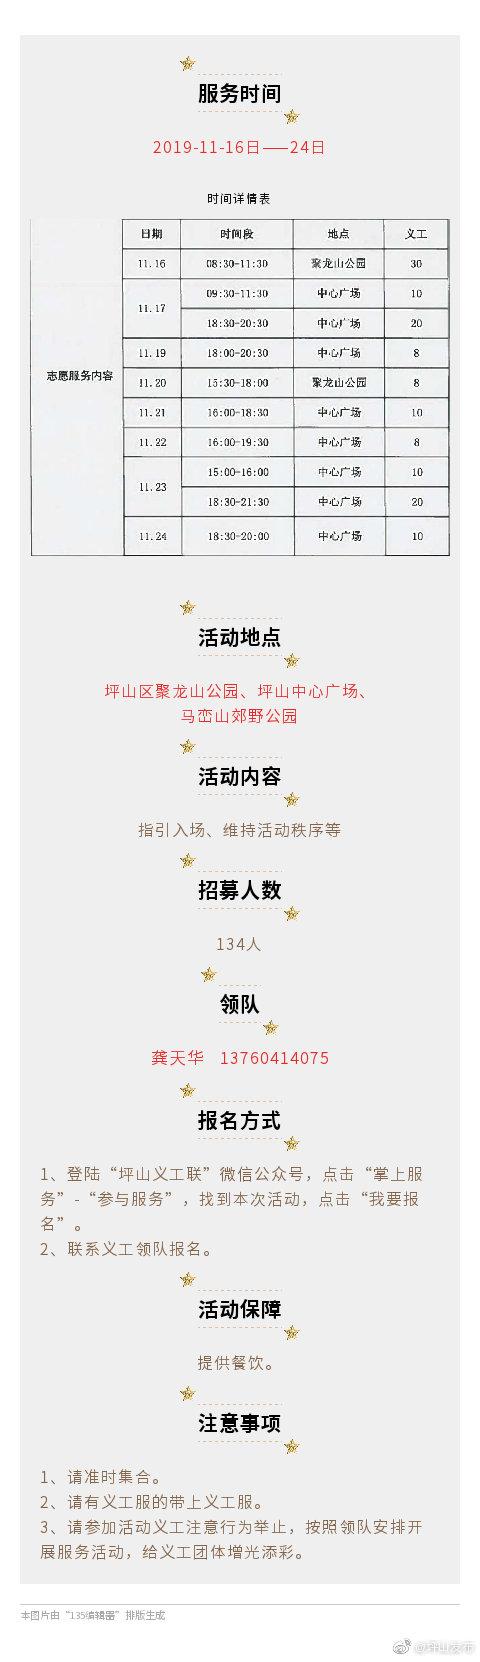 2019深圳公园文化季——坪山分会场义工招募